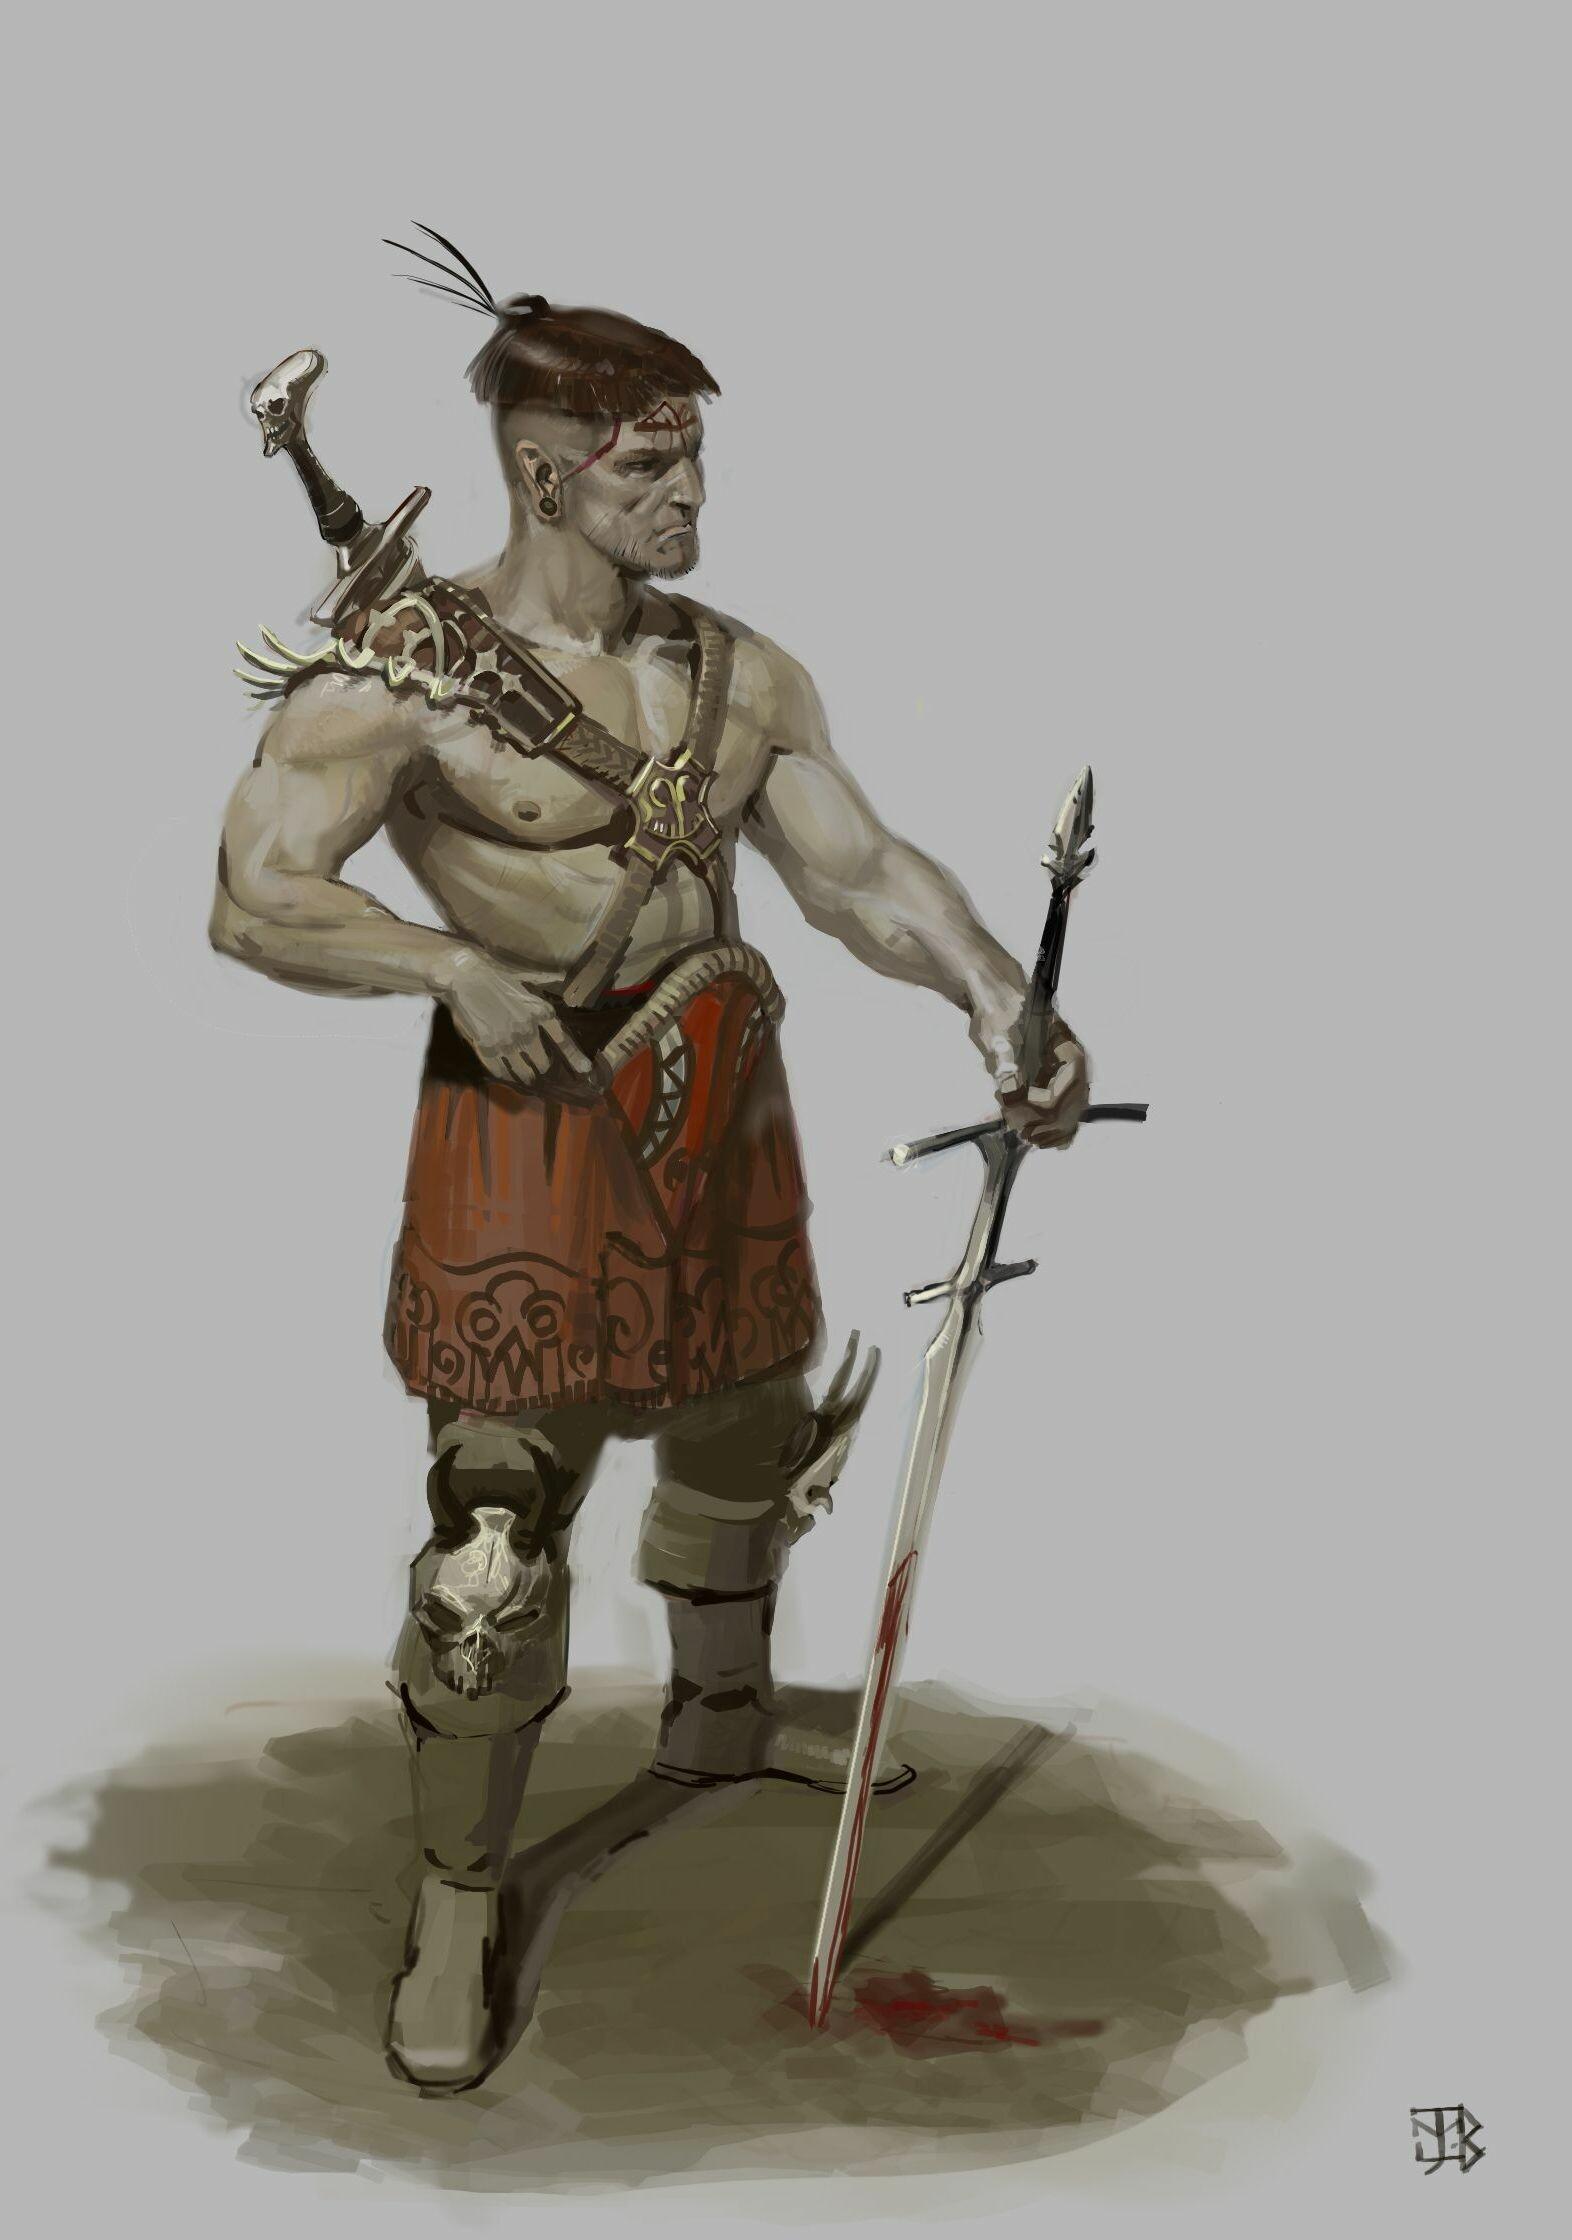 Juan miguel lopez barea barbarian sketch 2